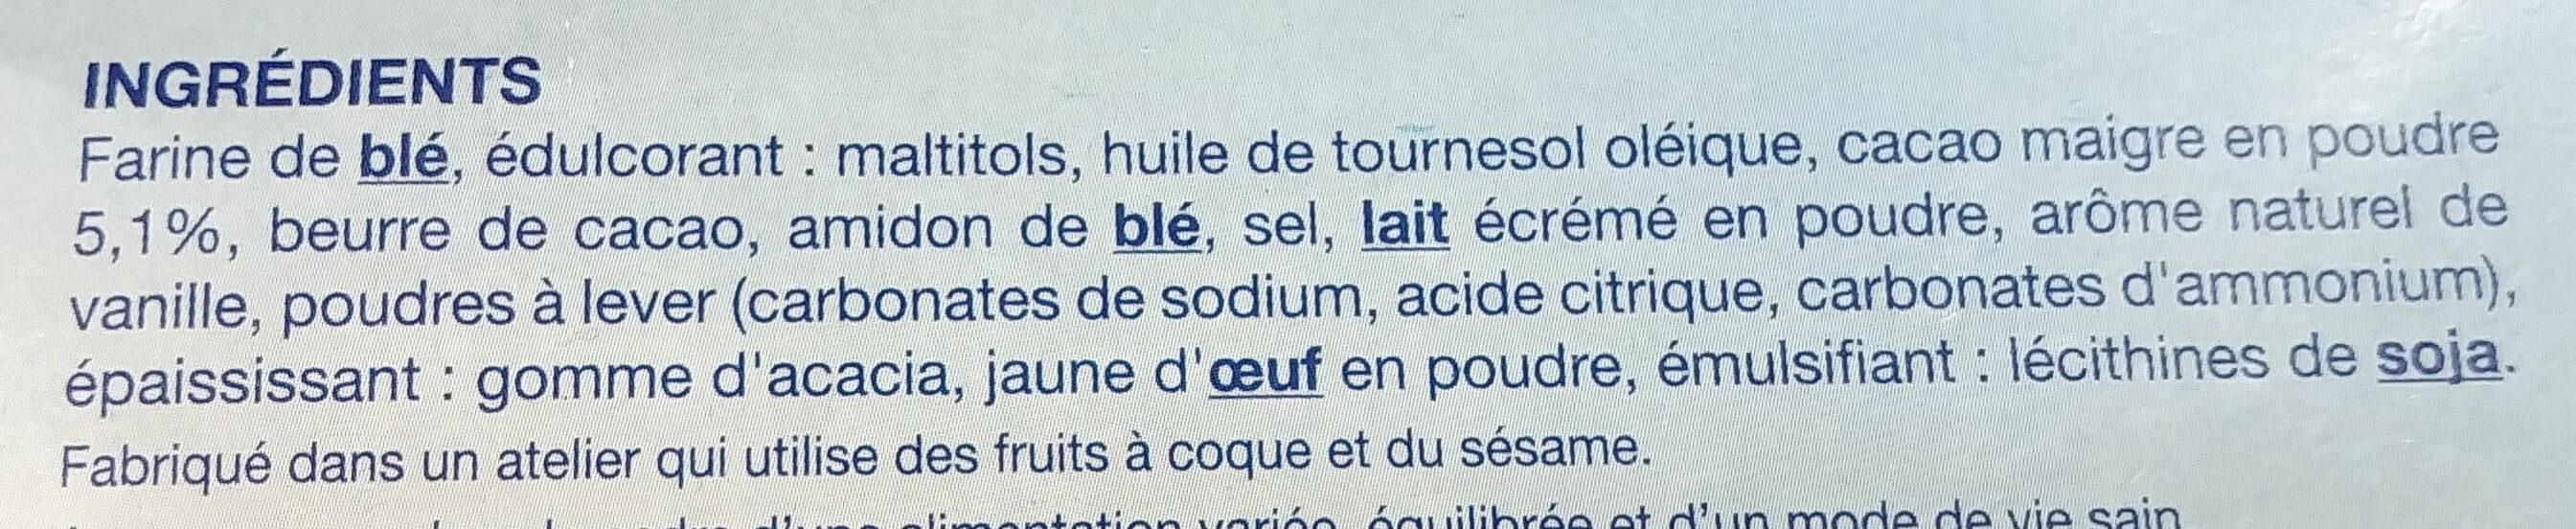 Fourré Cacao sans sucres - Ingrediënten - fr